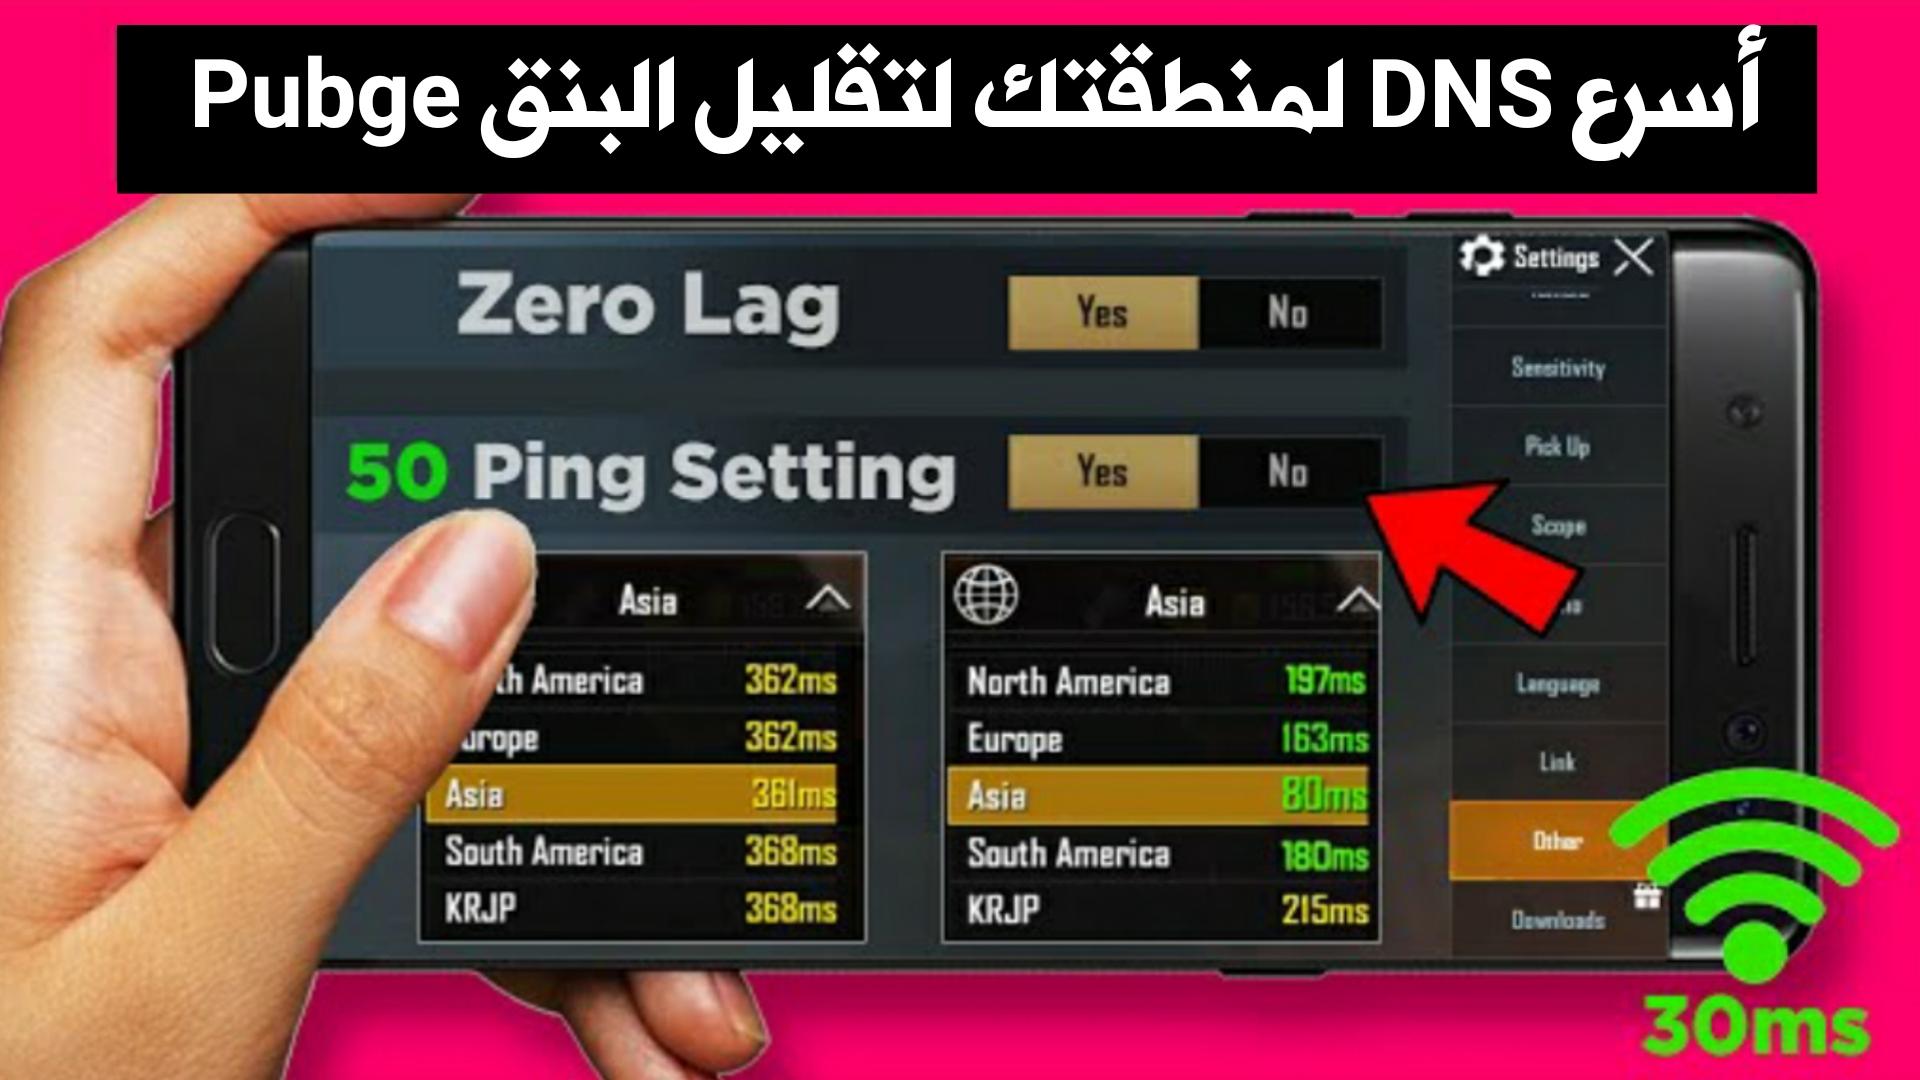 طريقة لا يعلمها الكثير لزيادة سرعة الأنترنت !!! أسرع DNS لمنطقتك لتقليل البنق Pubge